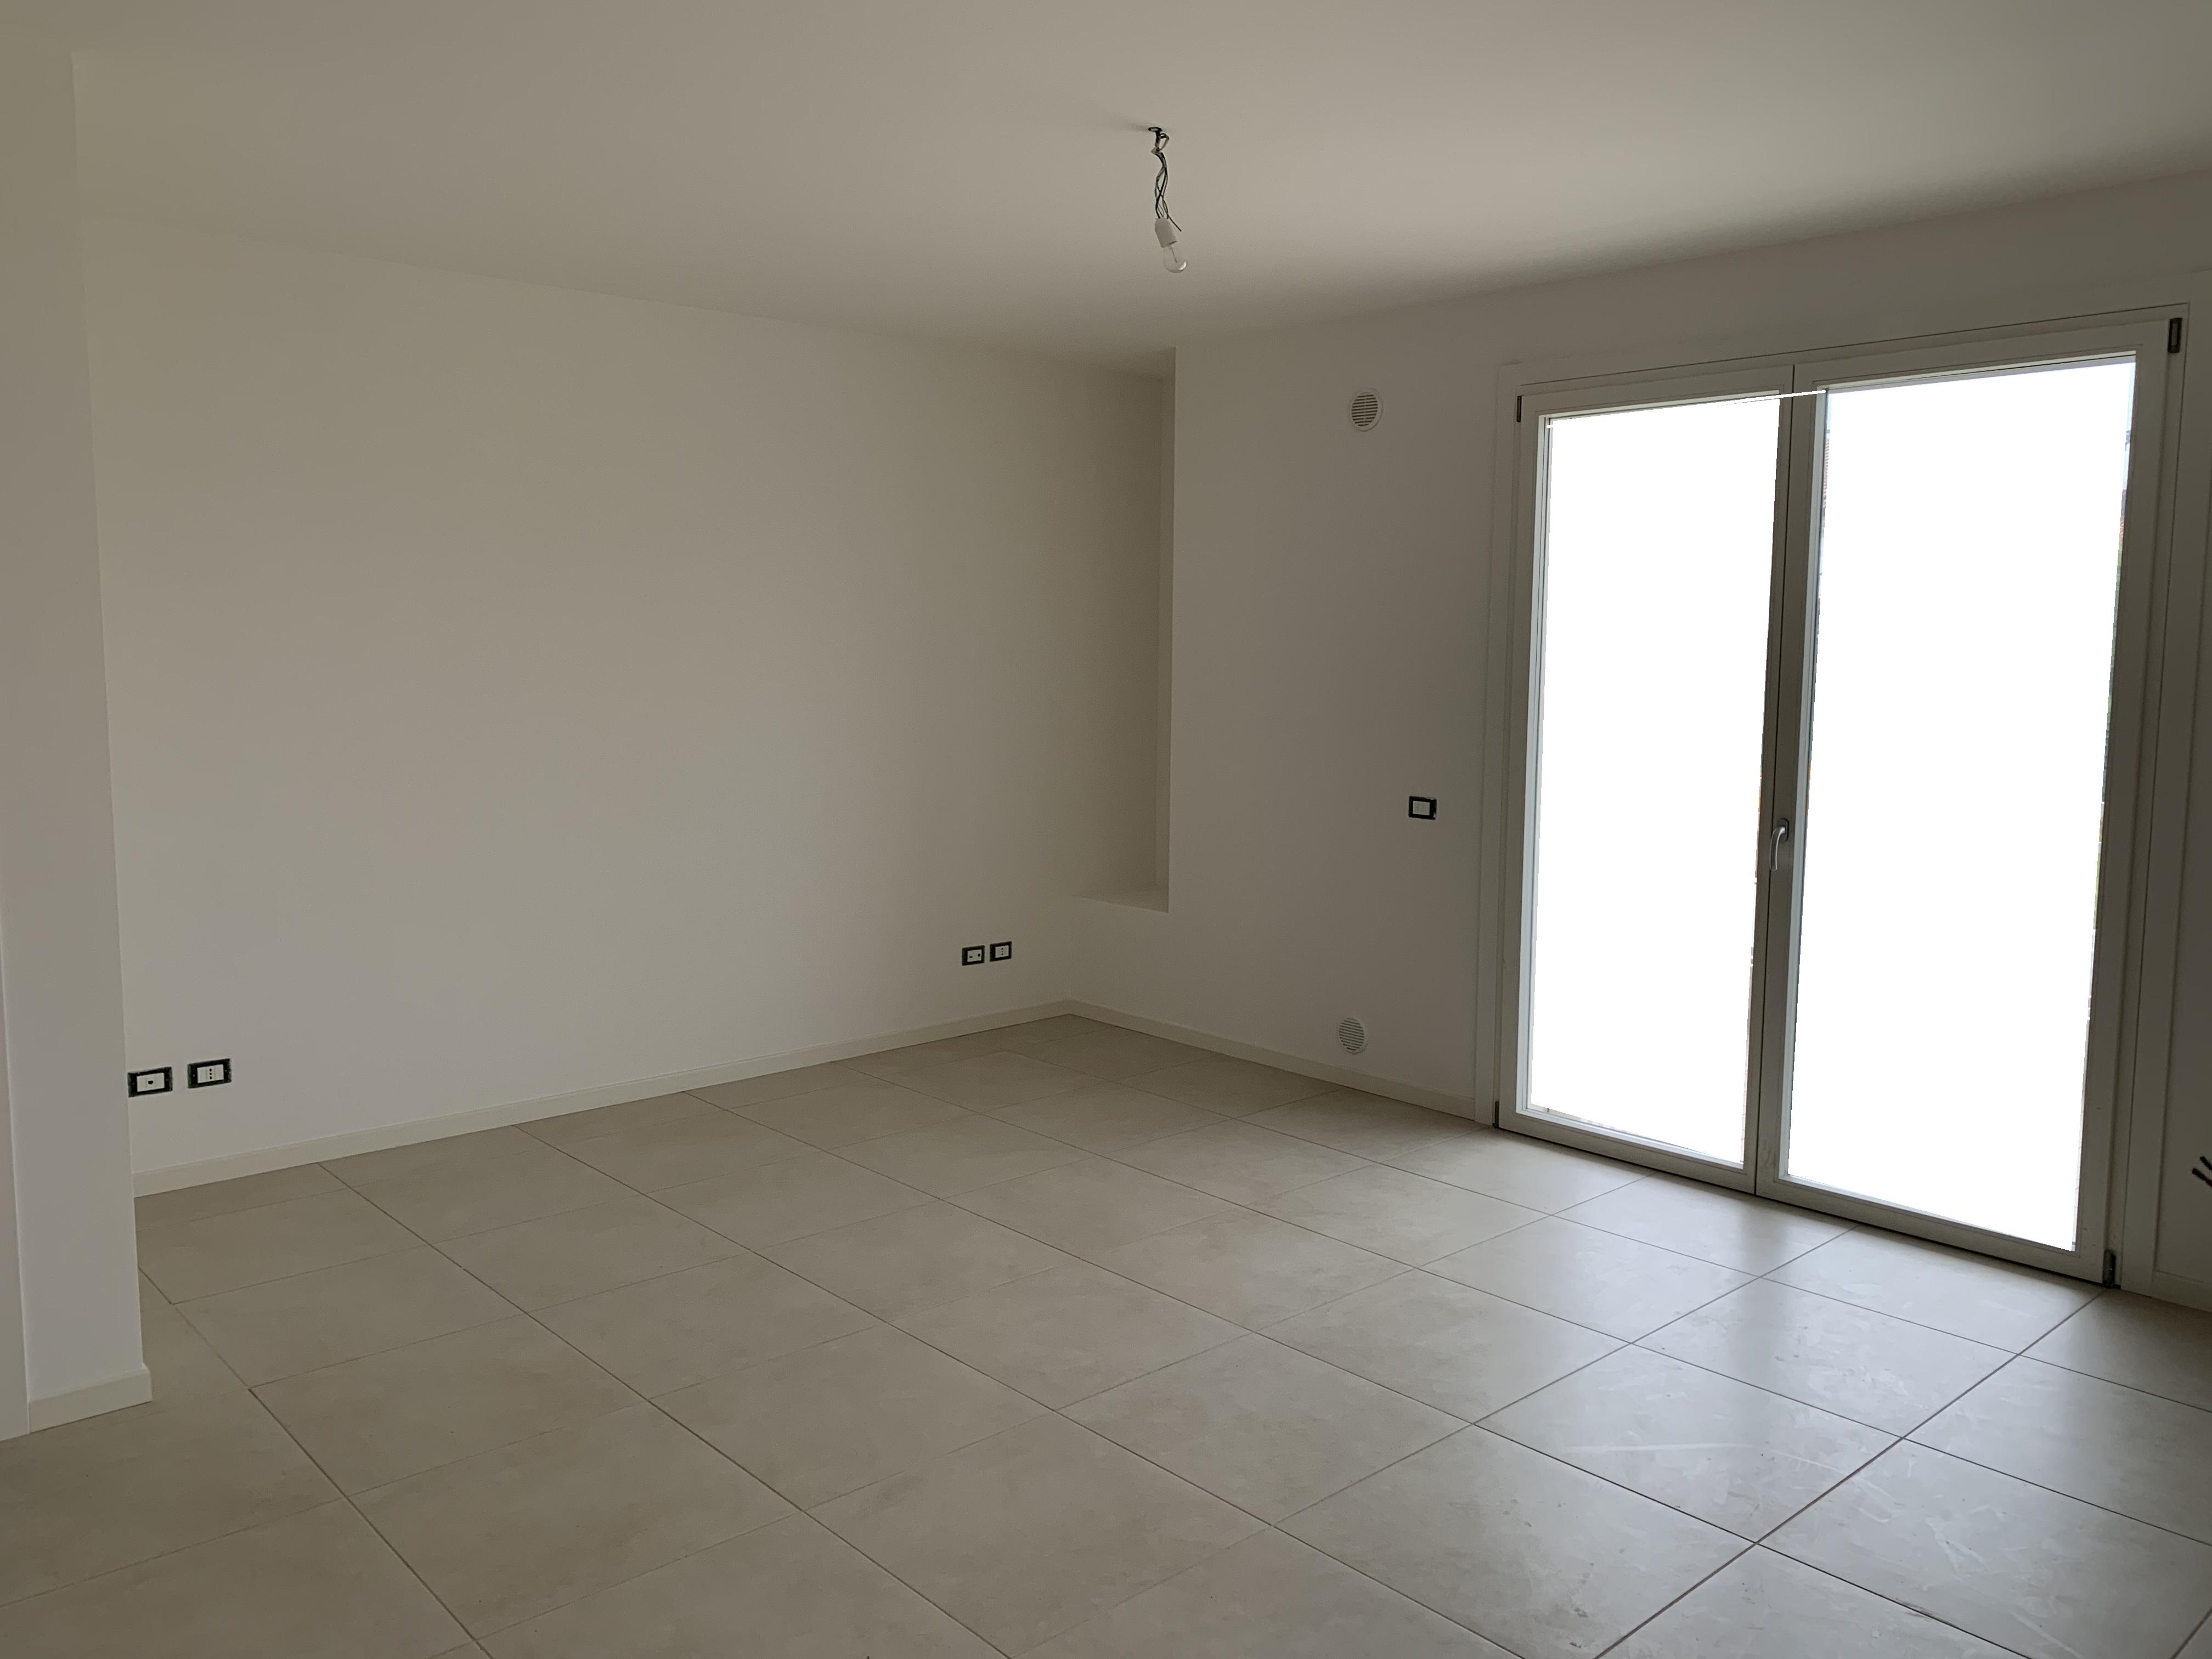 ALBIGNASEGO – SANT'AGOSTINO appartamento di nuova costruzione in classe energetica A1